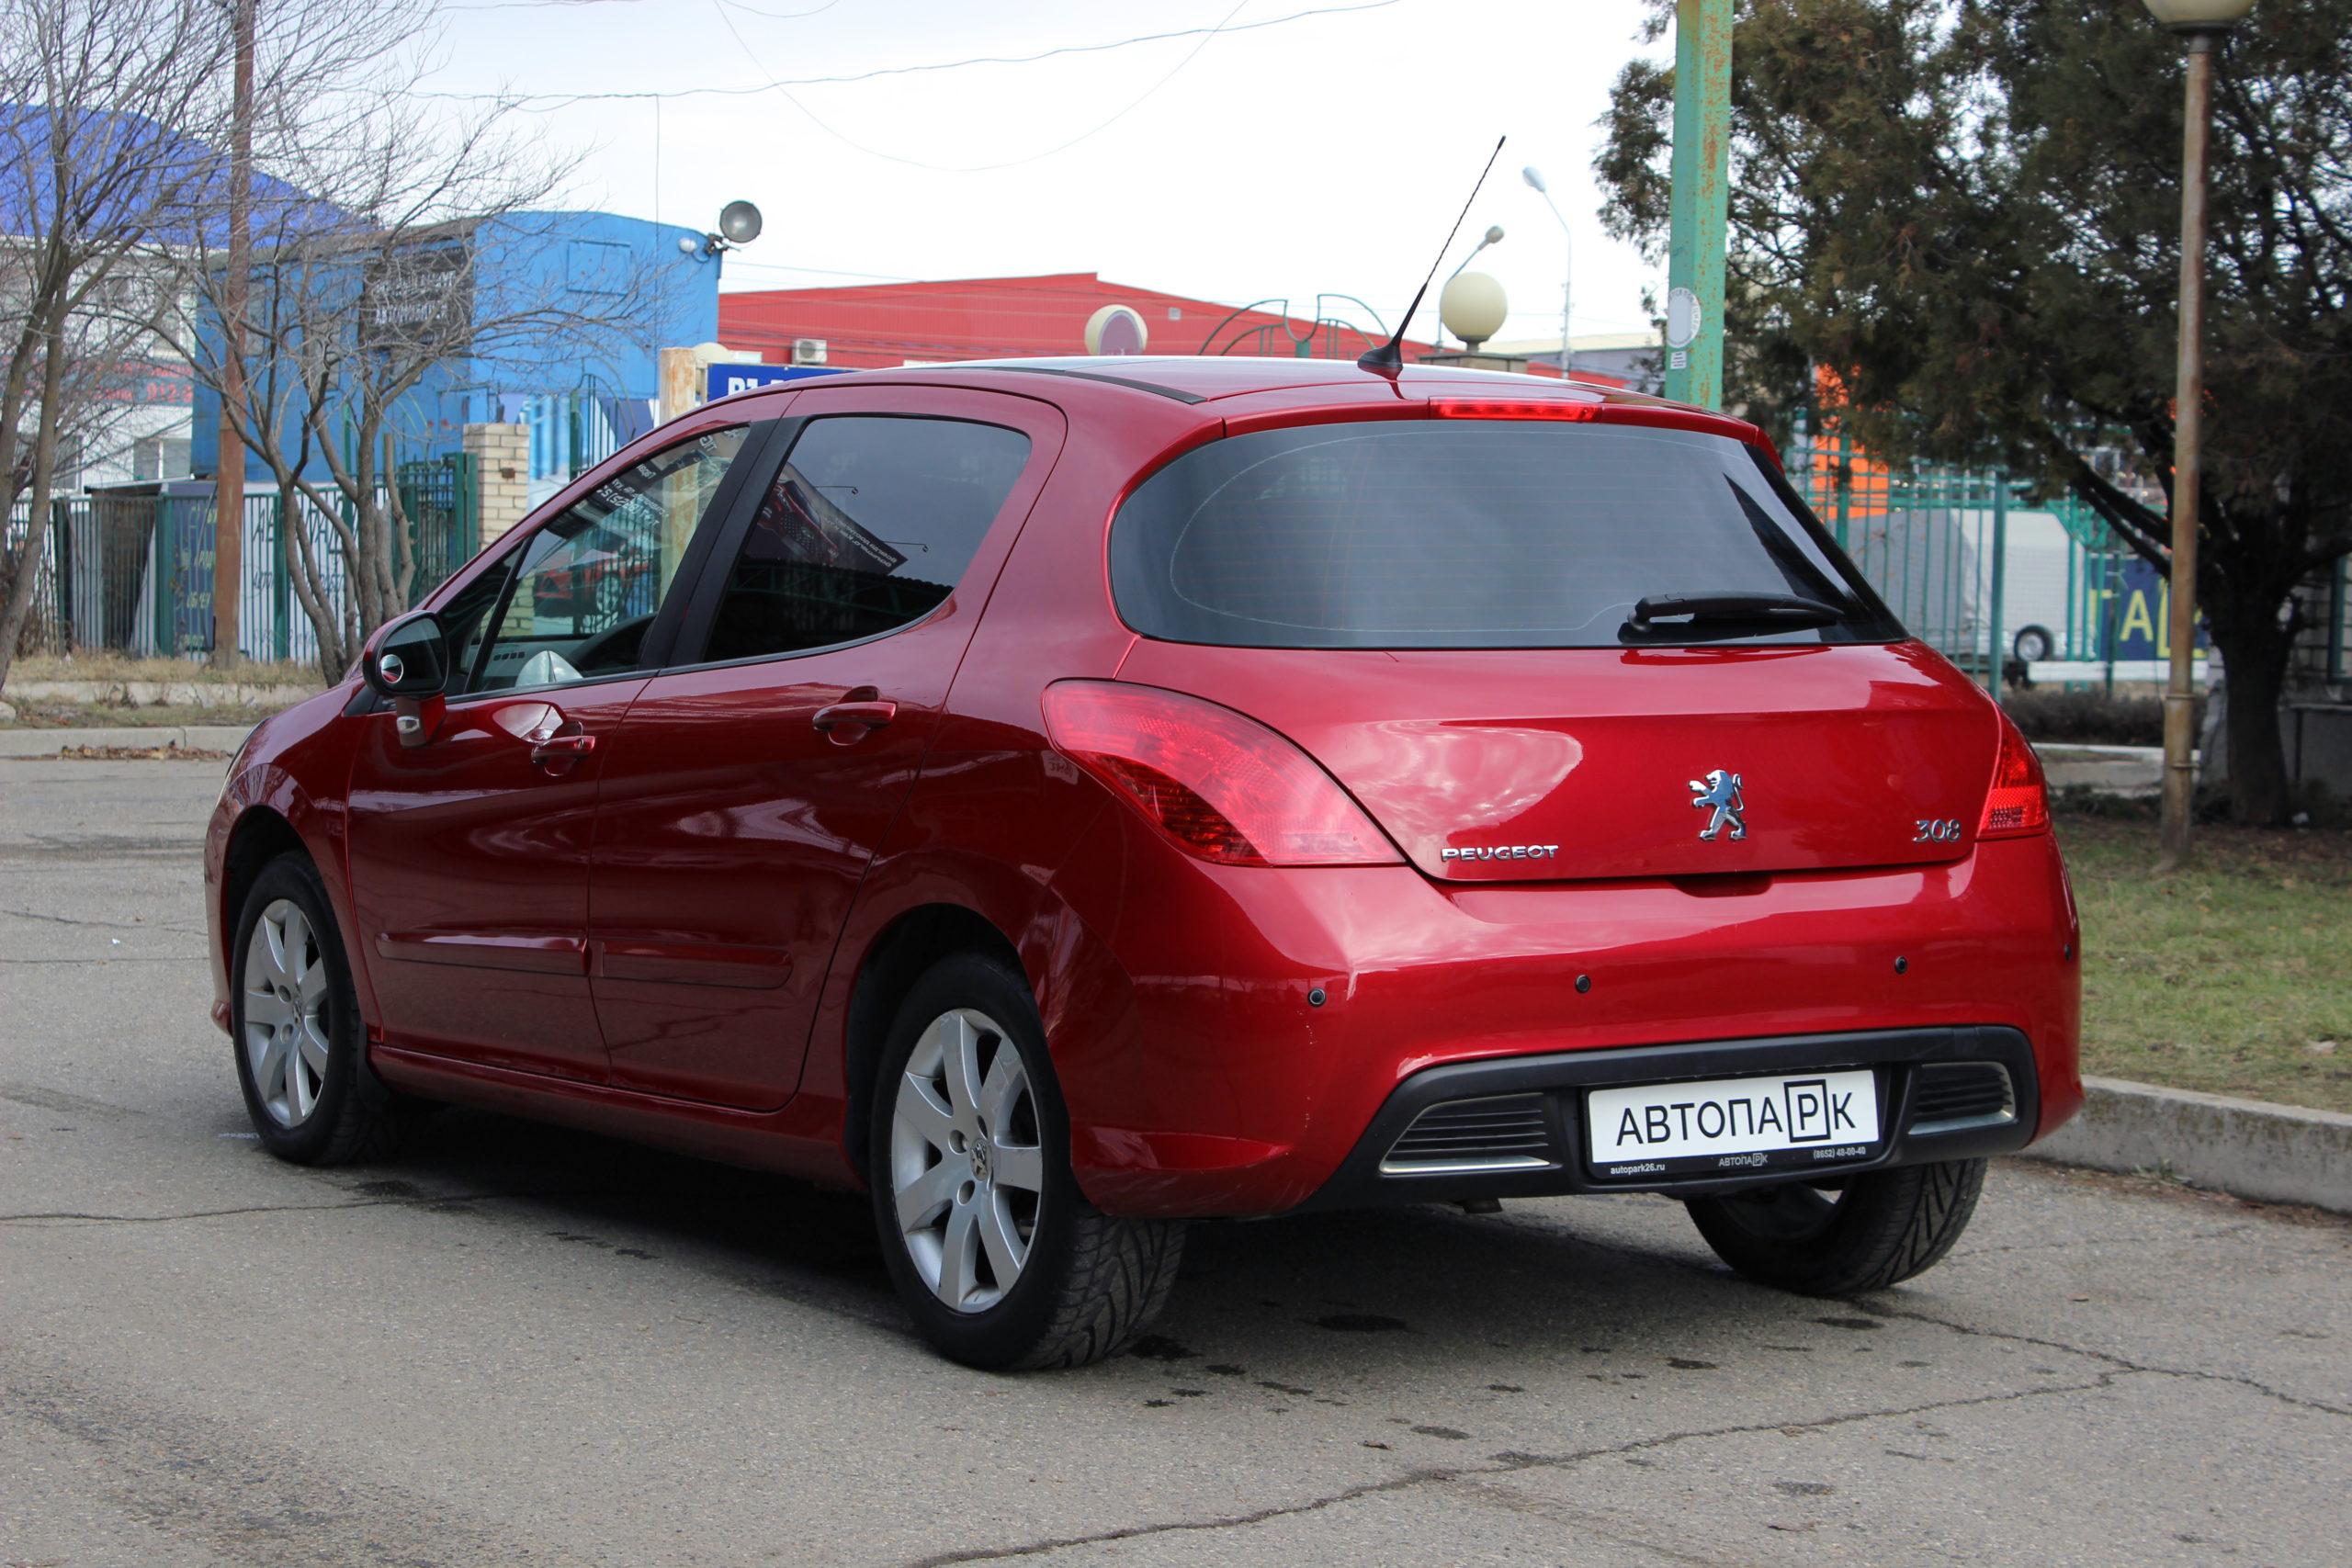 Купить Peugeot 308 (Красный) - Автопарк Ставрополь